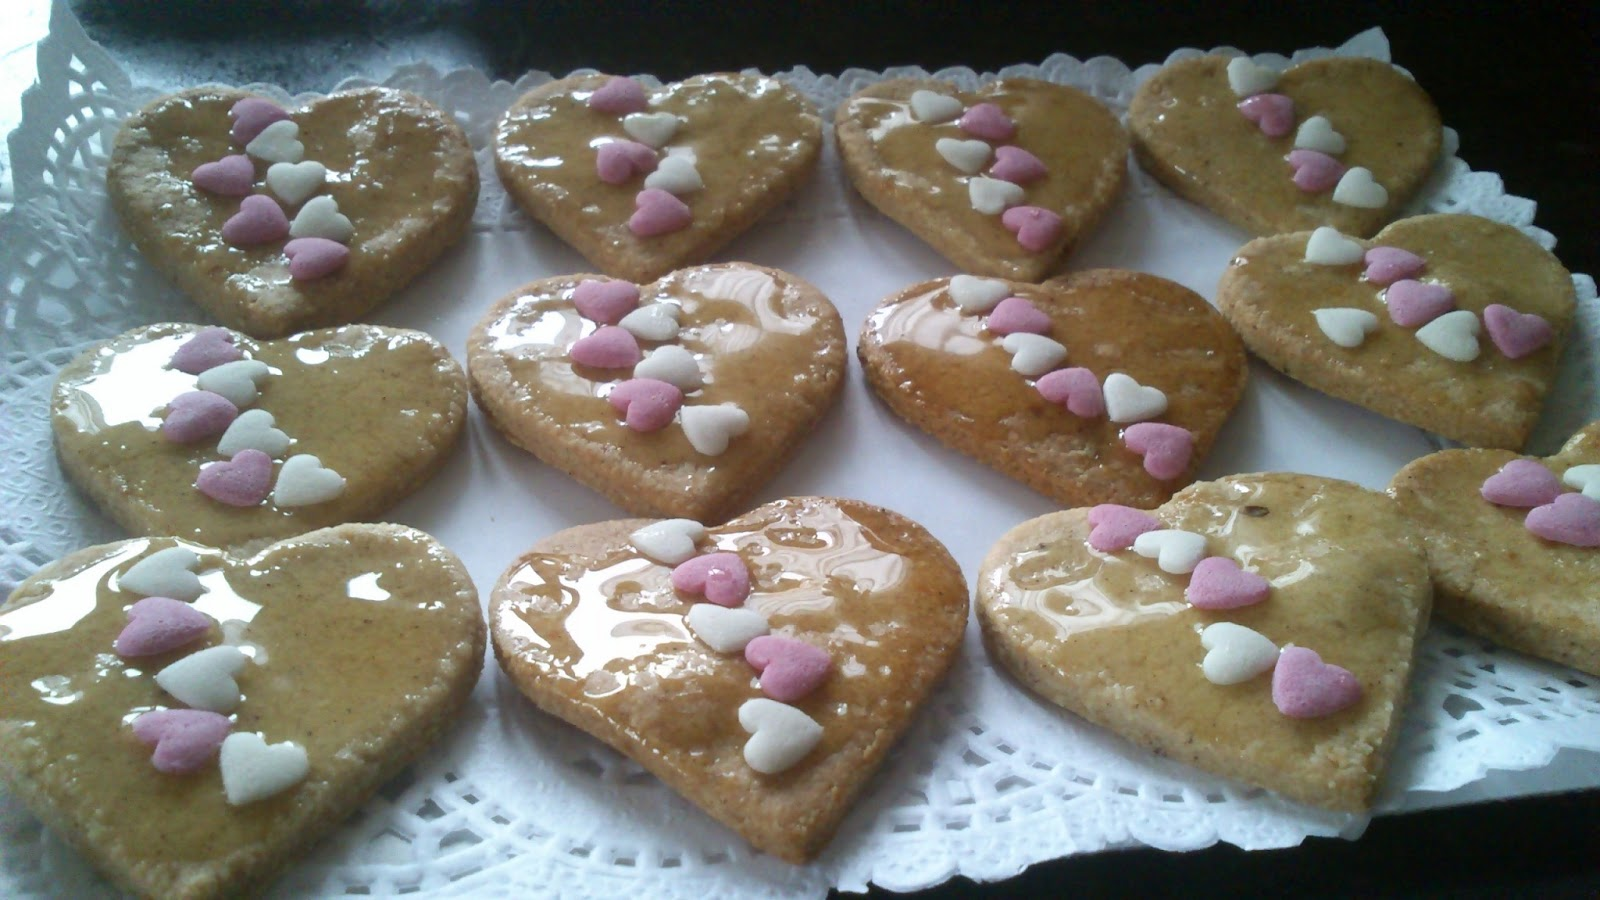 Galletas de almendra aromáticas y crujientes